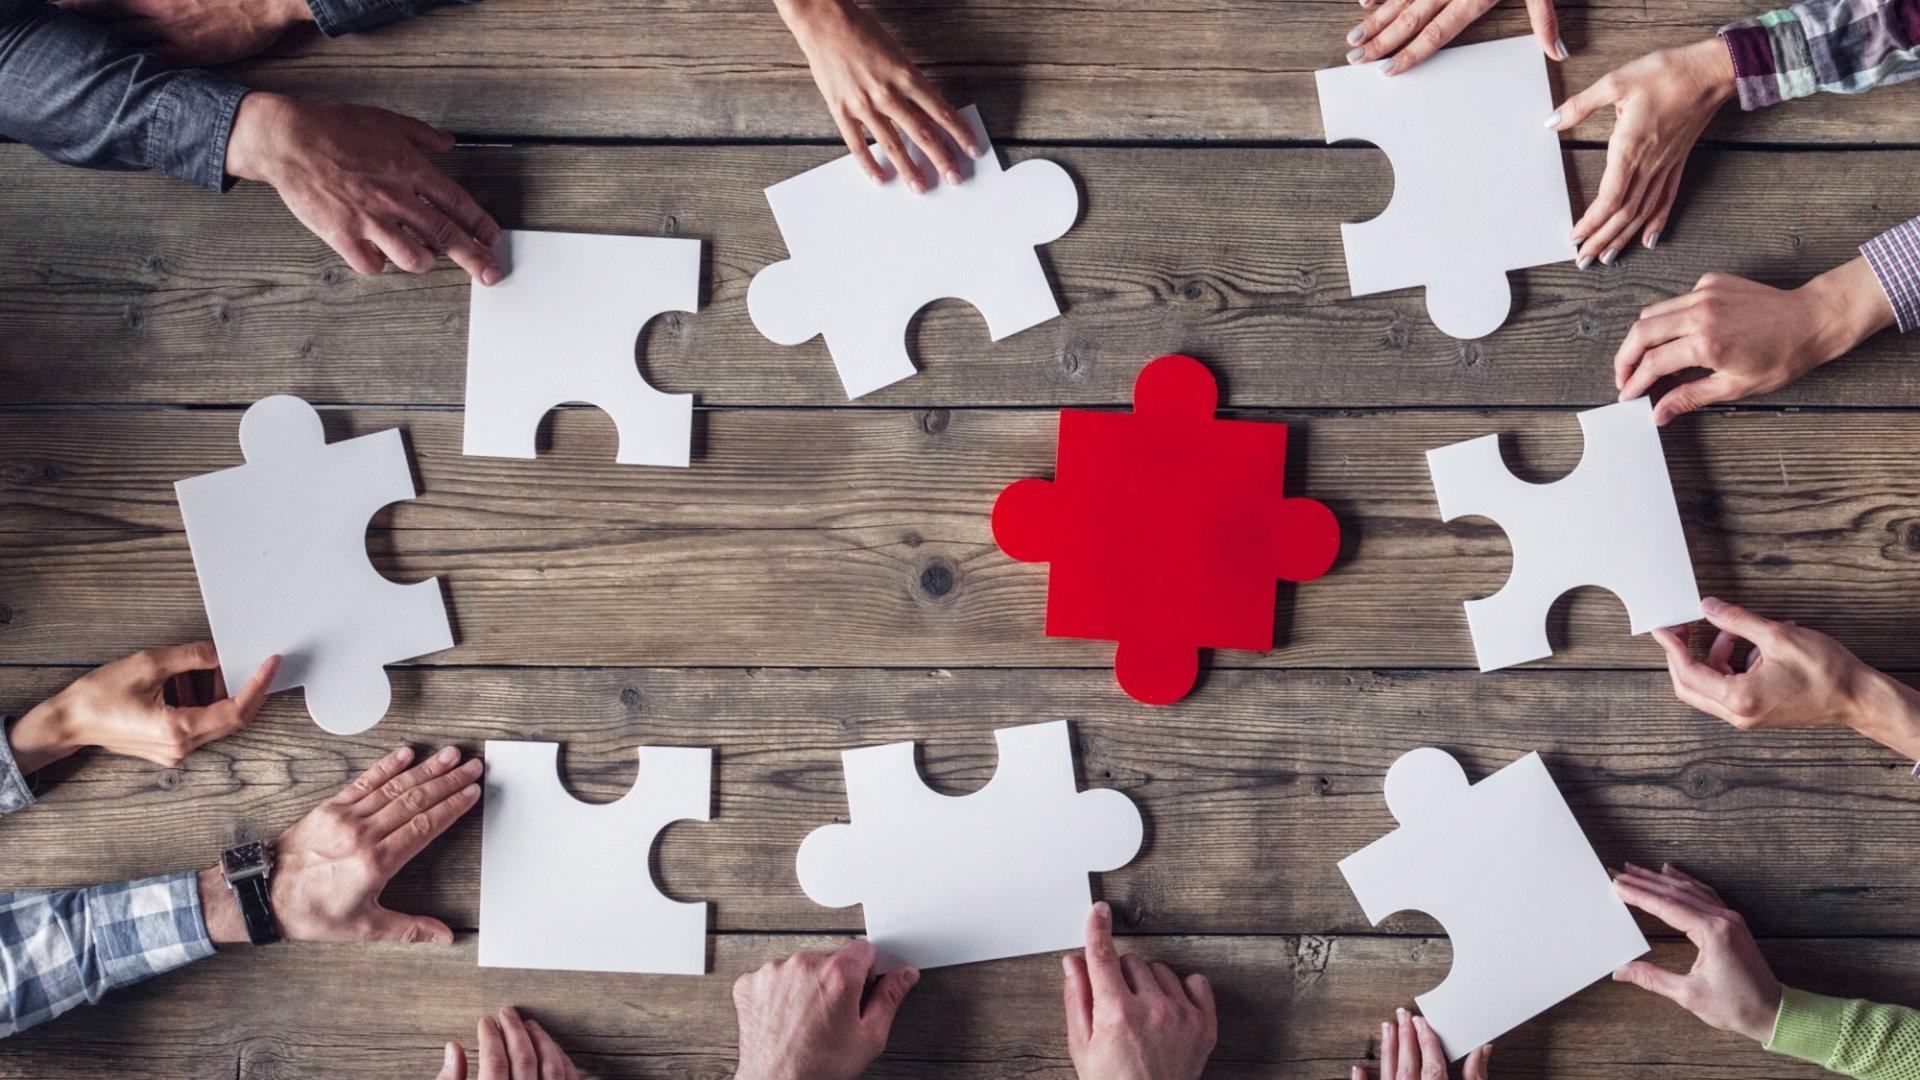 5 Ways Good Leaders Cultivate High Performing Teams